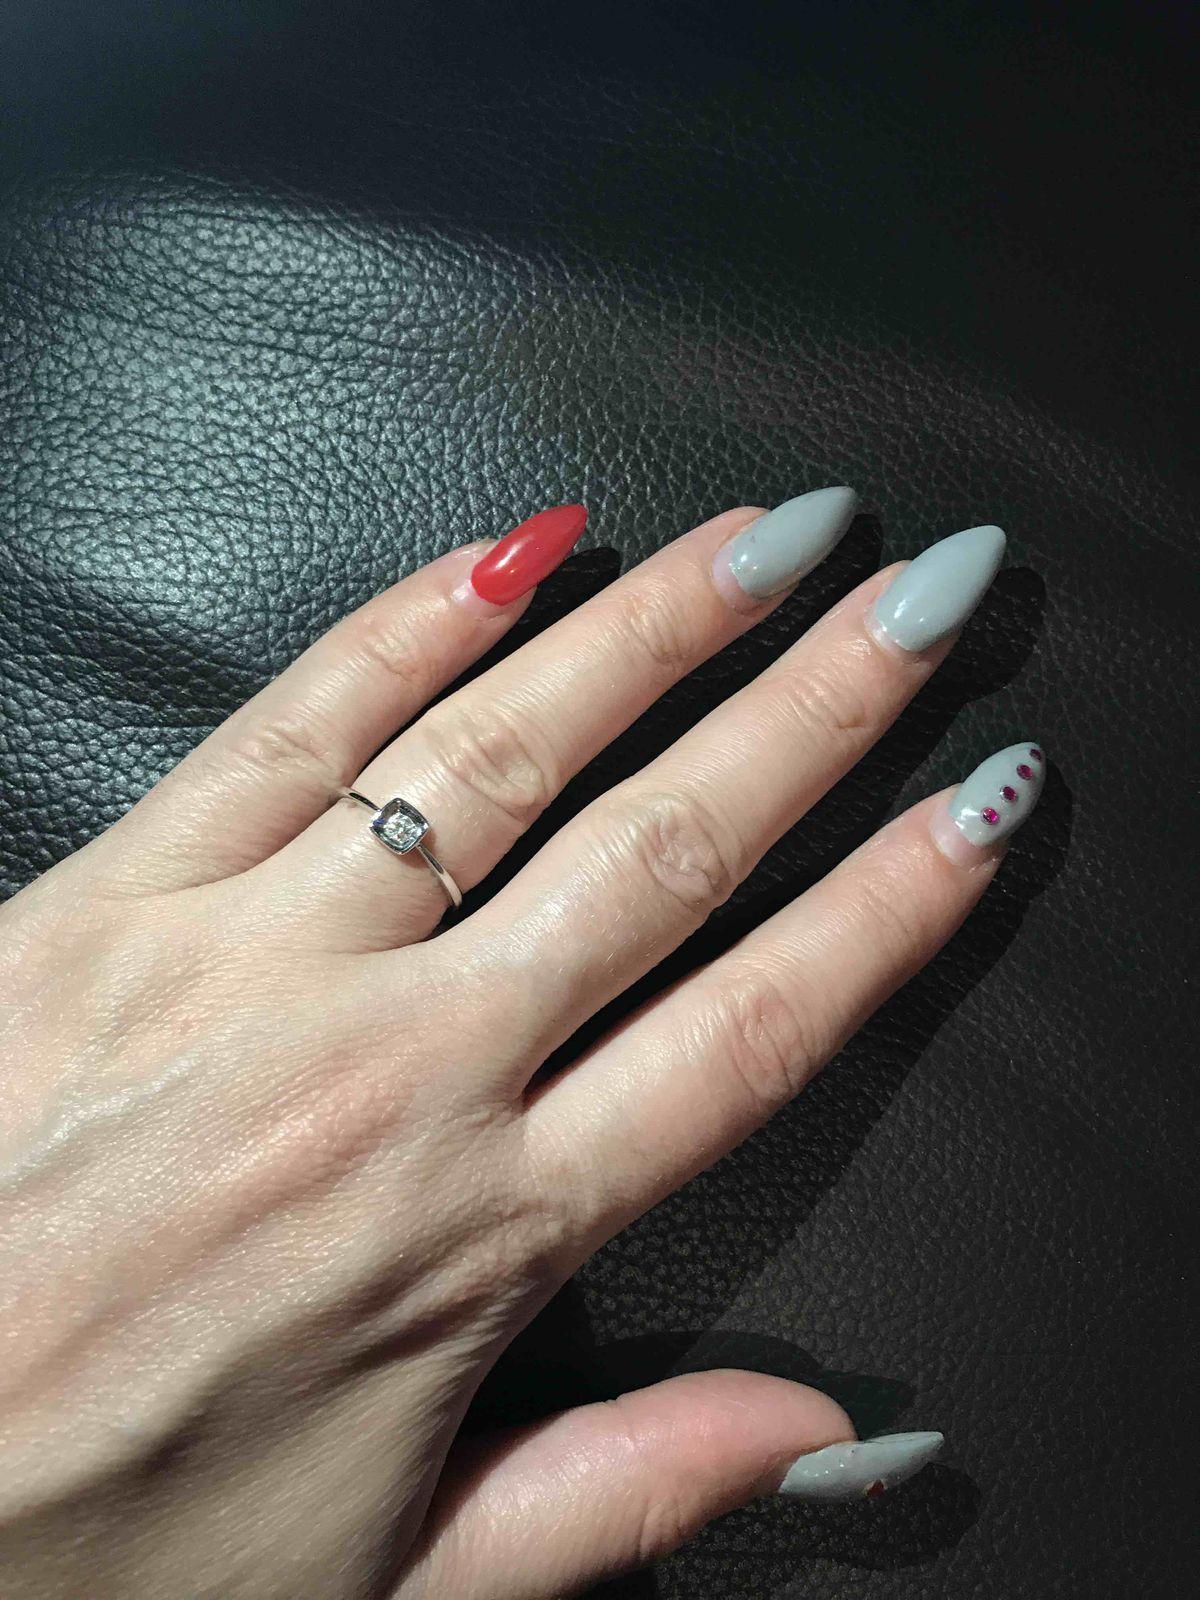 Кольцо с бриллиантом изысканное, утонченное, ювелирное изделие в белом золоте